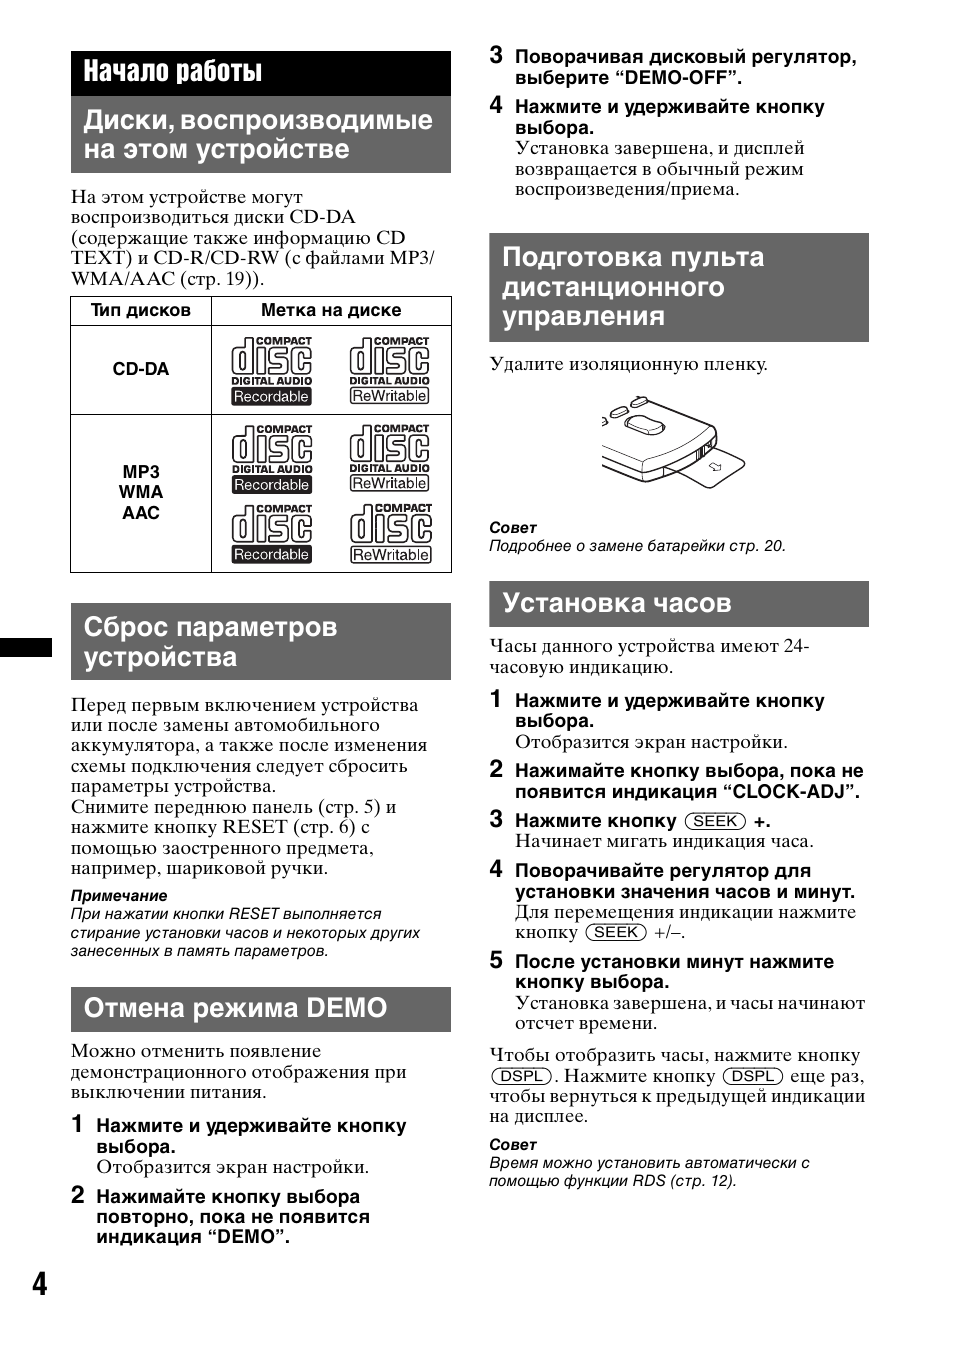 инструкцию по установке к автомагнитоле сони cdx gt437ue